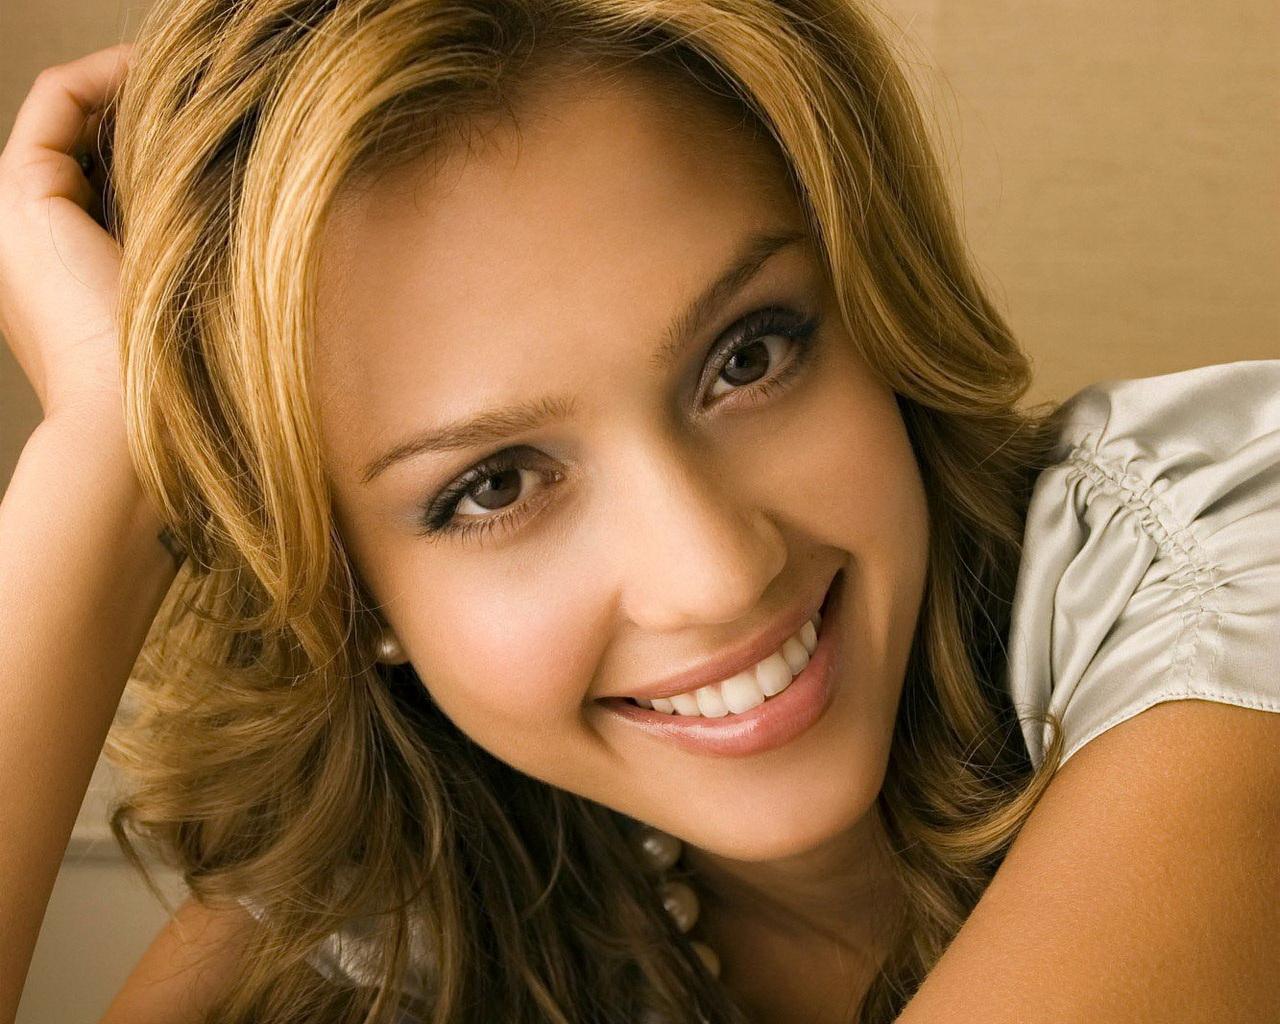 http://3.bp.blogspot.com/-QeNfF6fKAX4/TsXr248gOCI/AAAAAAAACAE/8DMi563nXmE/s1600/Jessica%2BAlba%2B%252851%2529.jpg